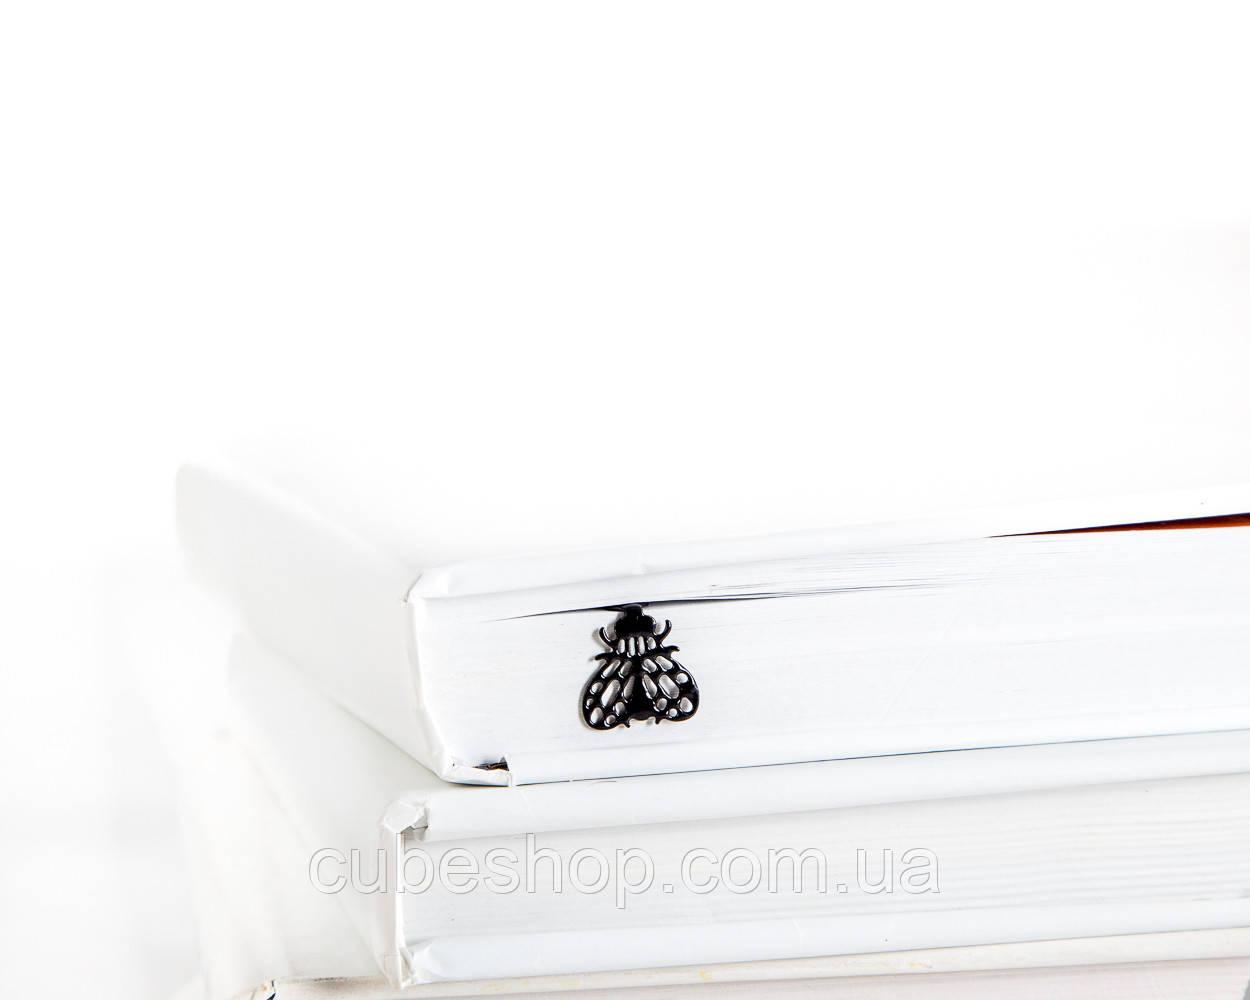 Закладка для книг Муха (чёрный)